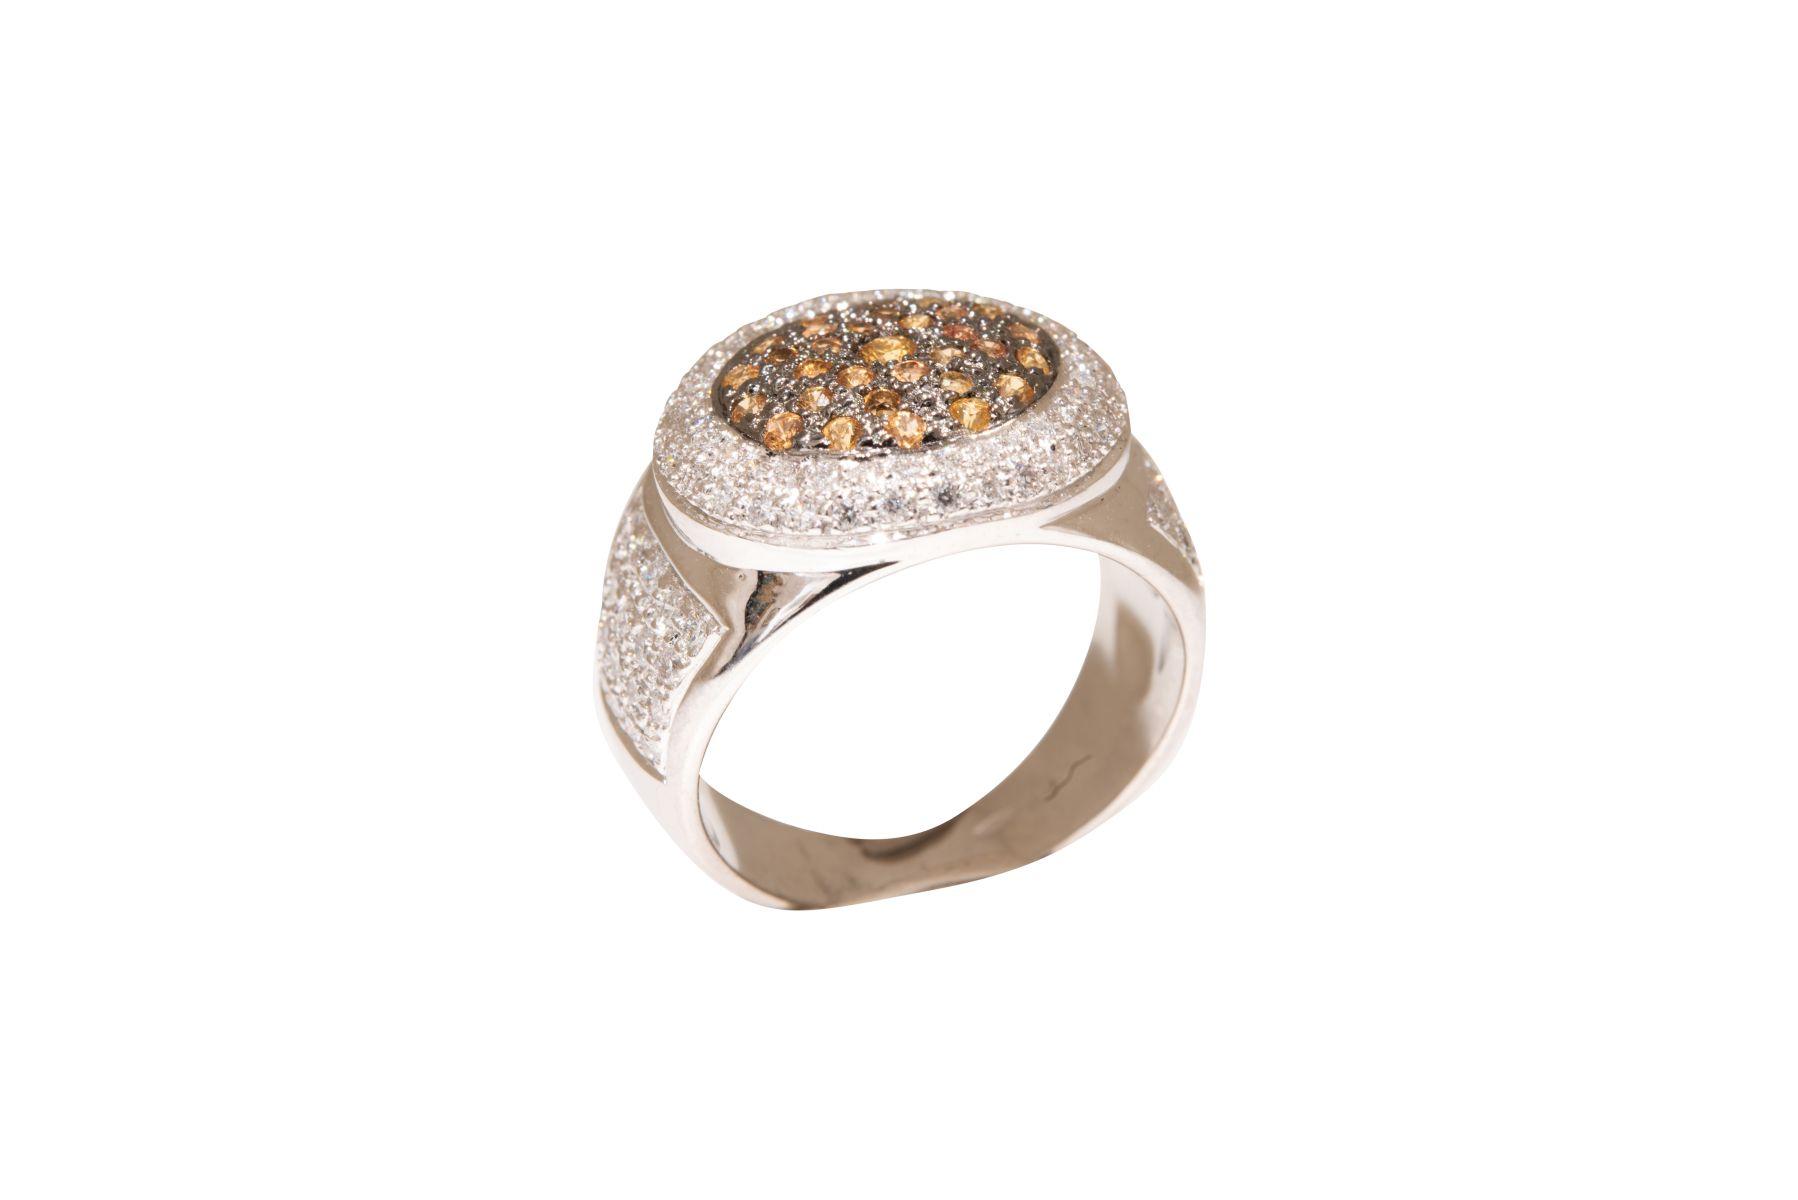 #173 Ring | Ring Image